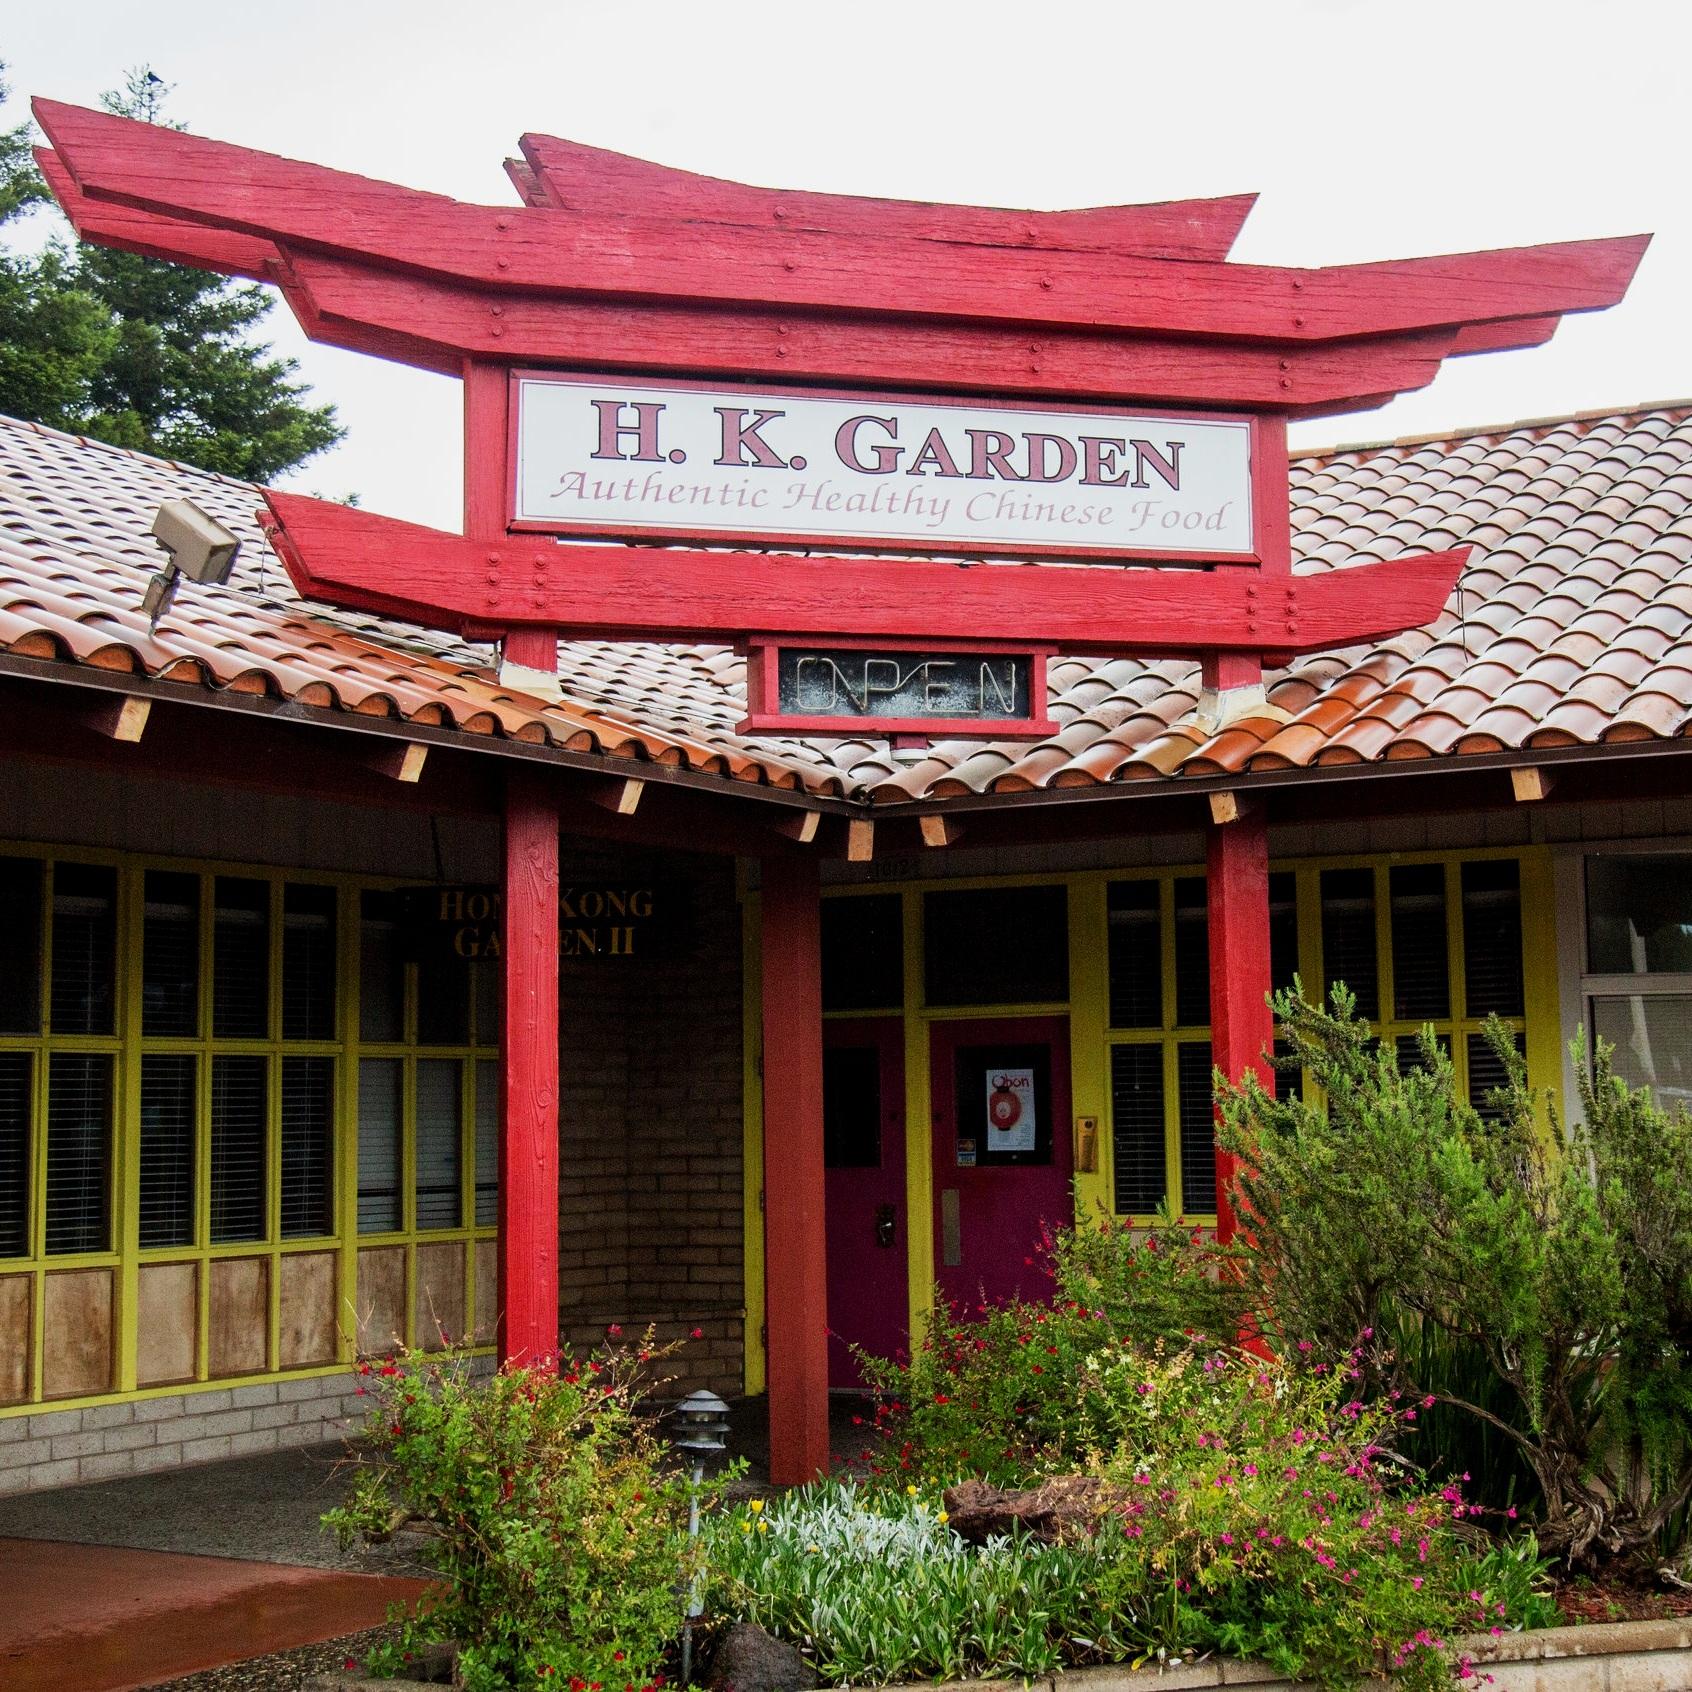 Hong Kong II   1012 East Lake Ave. Watsonville, CA 95076  (831)724-1188